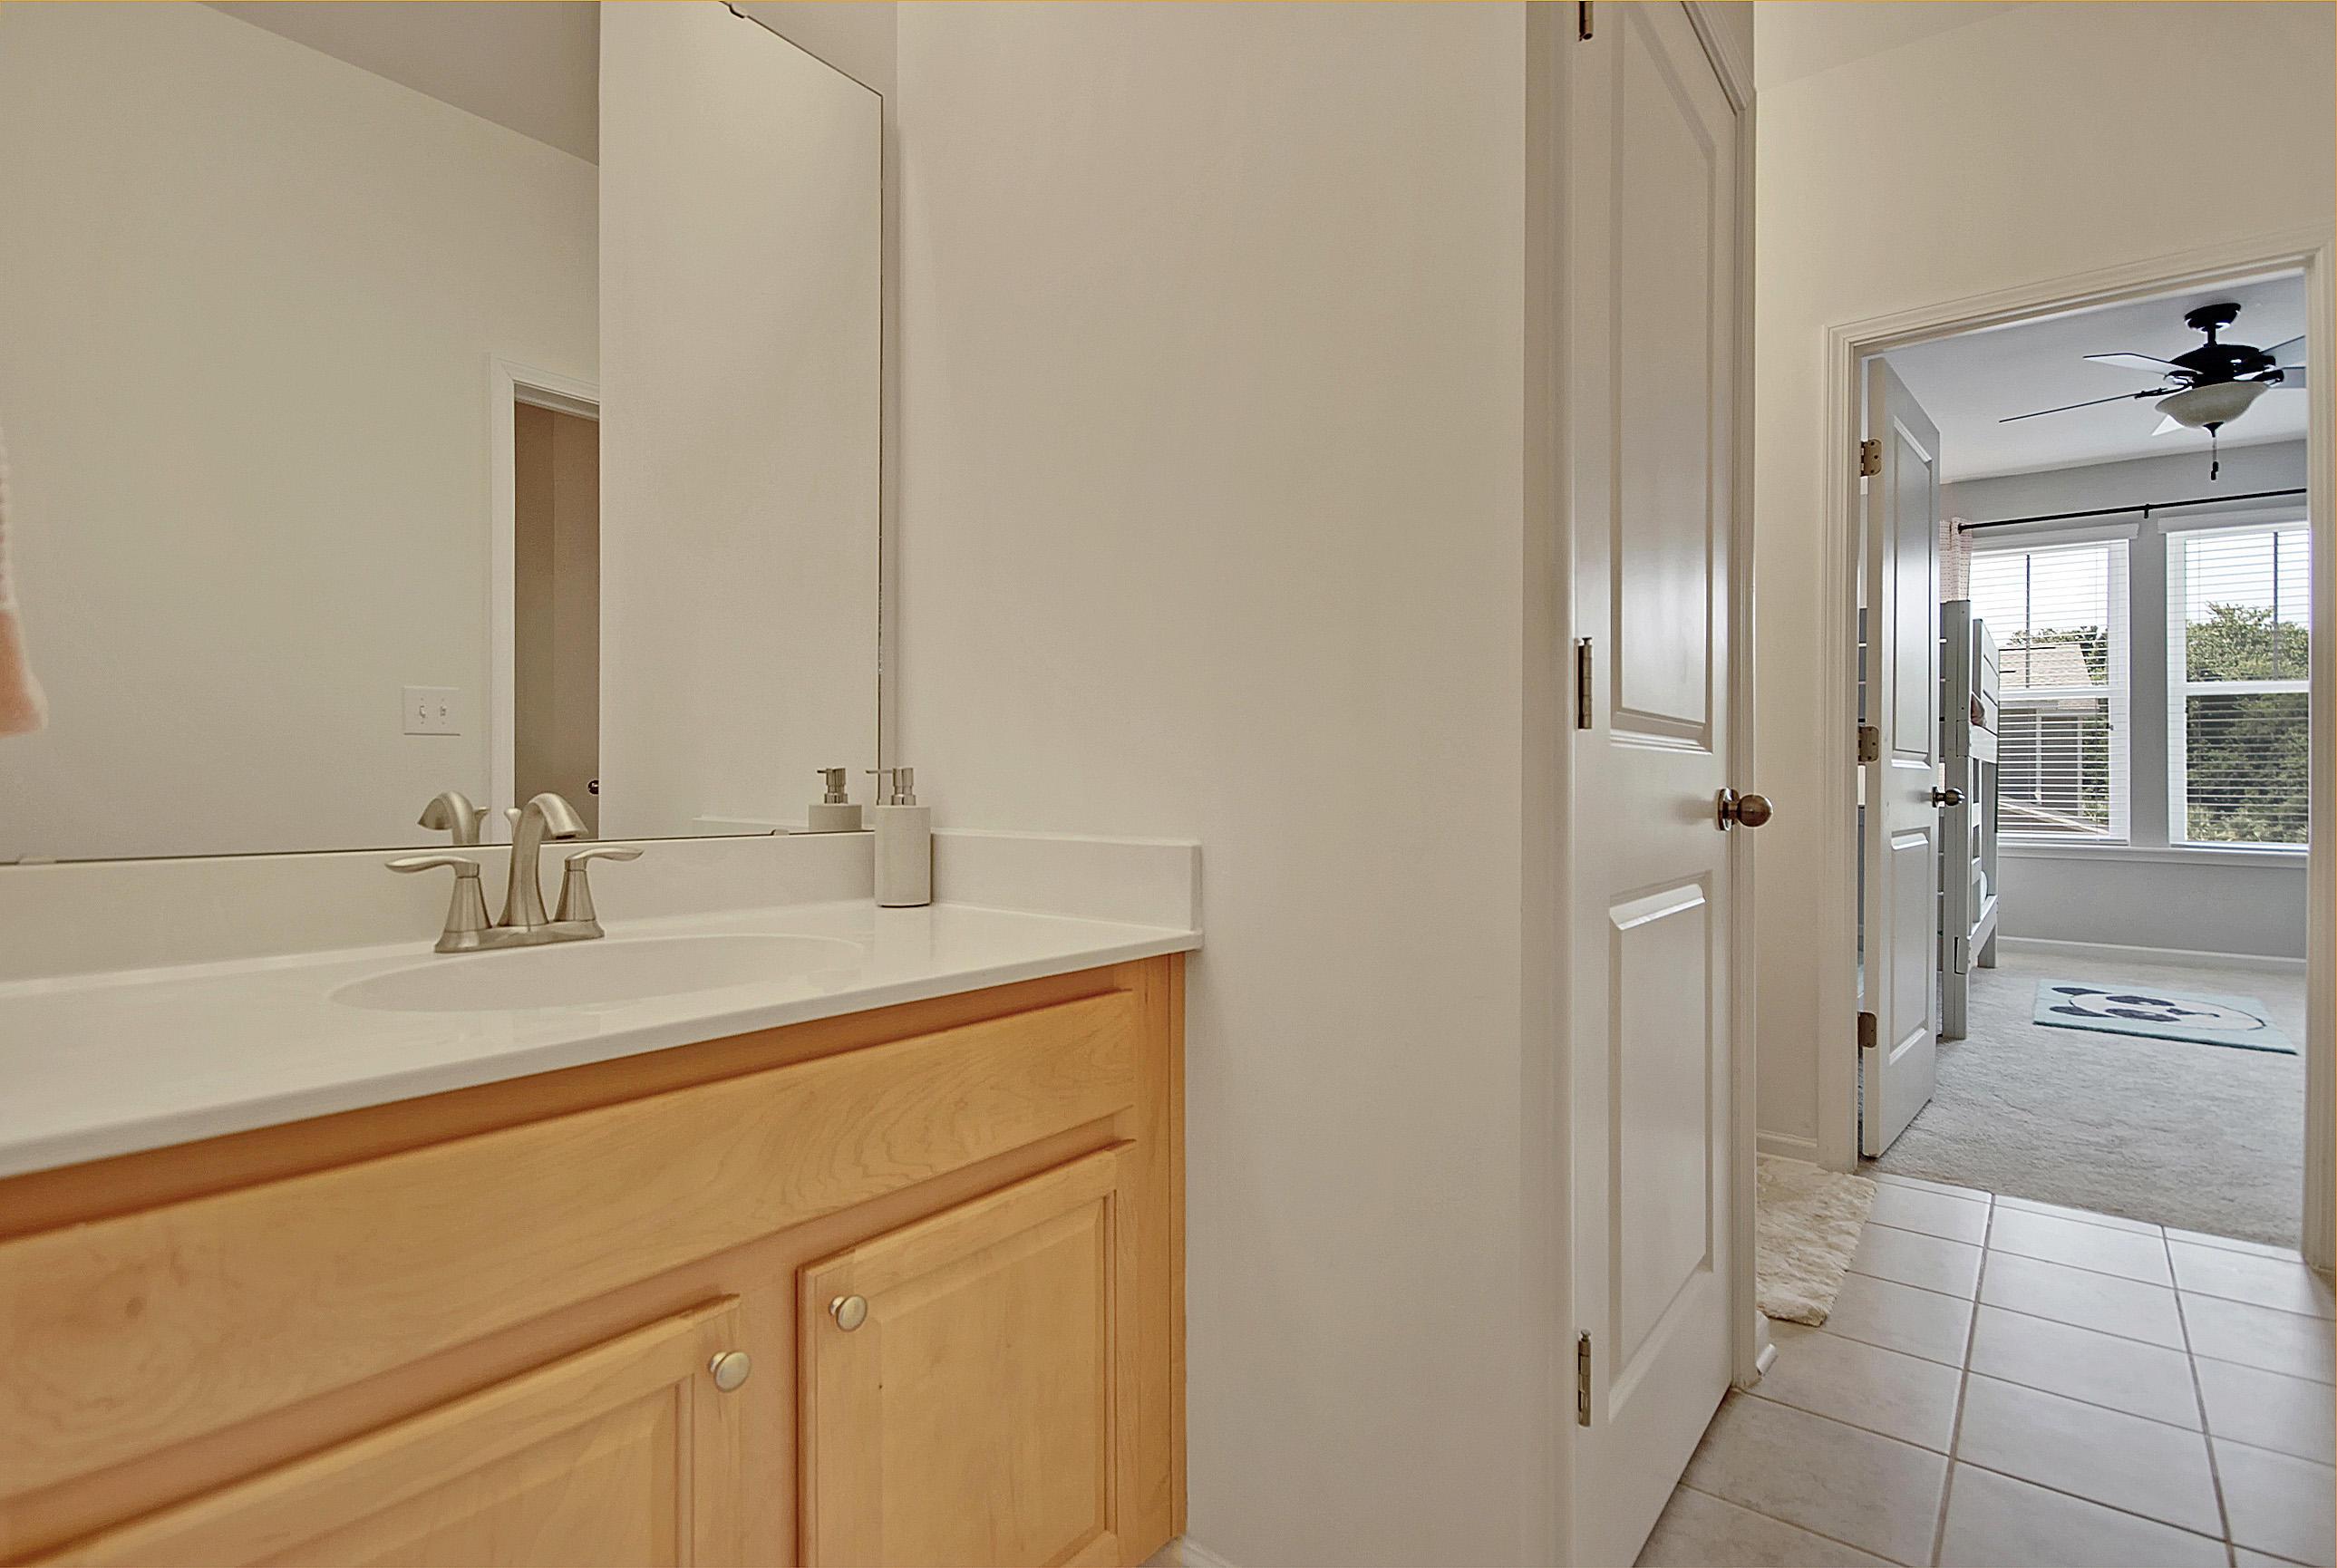 Royal Palms Homes For Sale - 1273 Dingle, Mount Pleasant, SC - 7